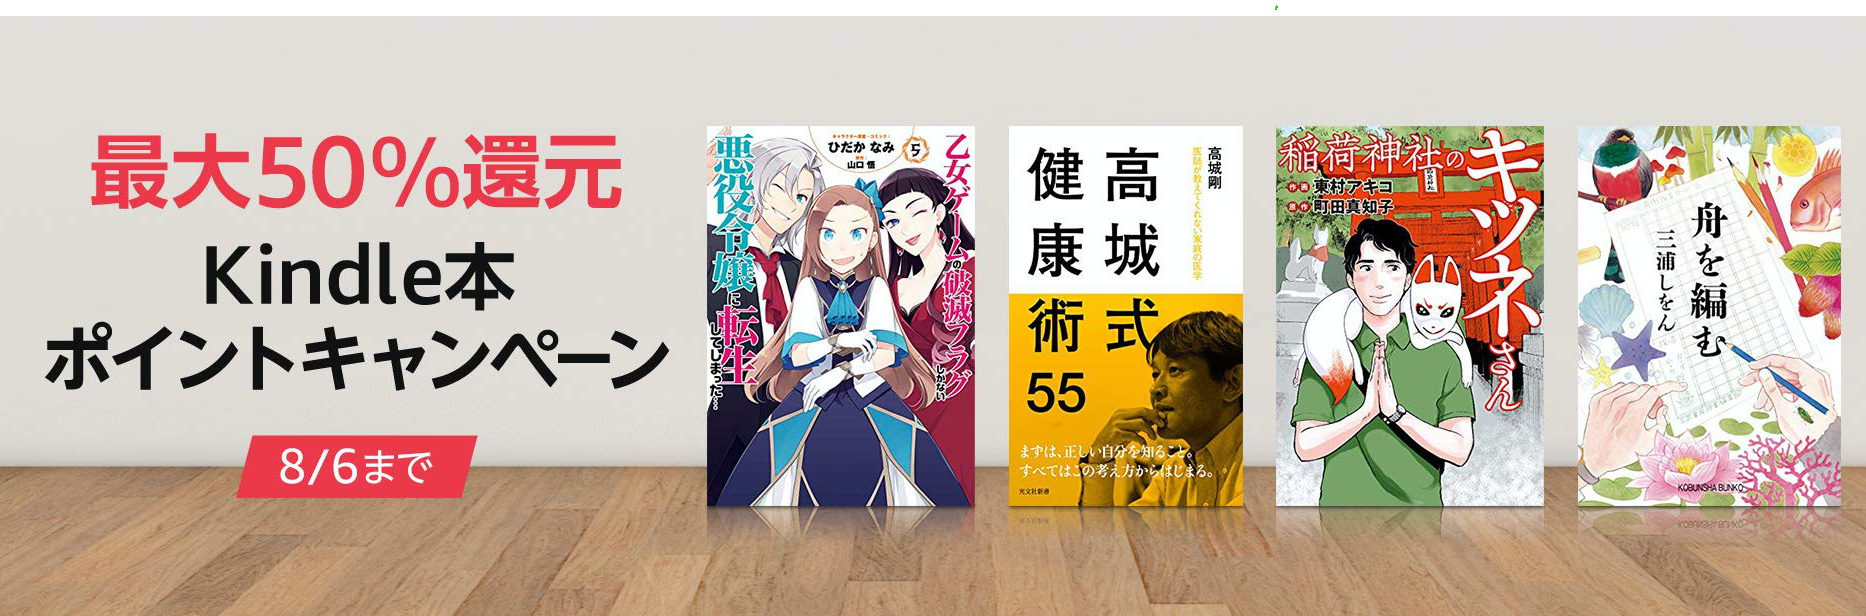 【最大50%還元】Kindle本ポイントキャンペーン